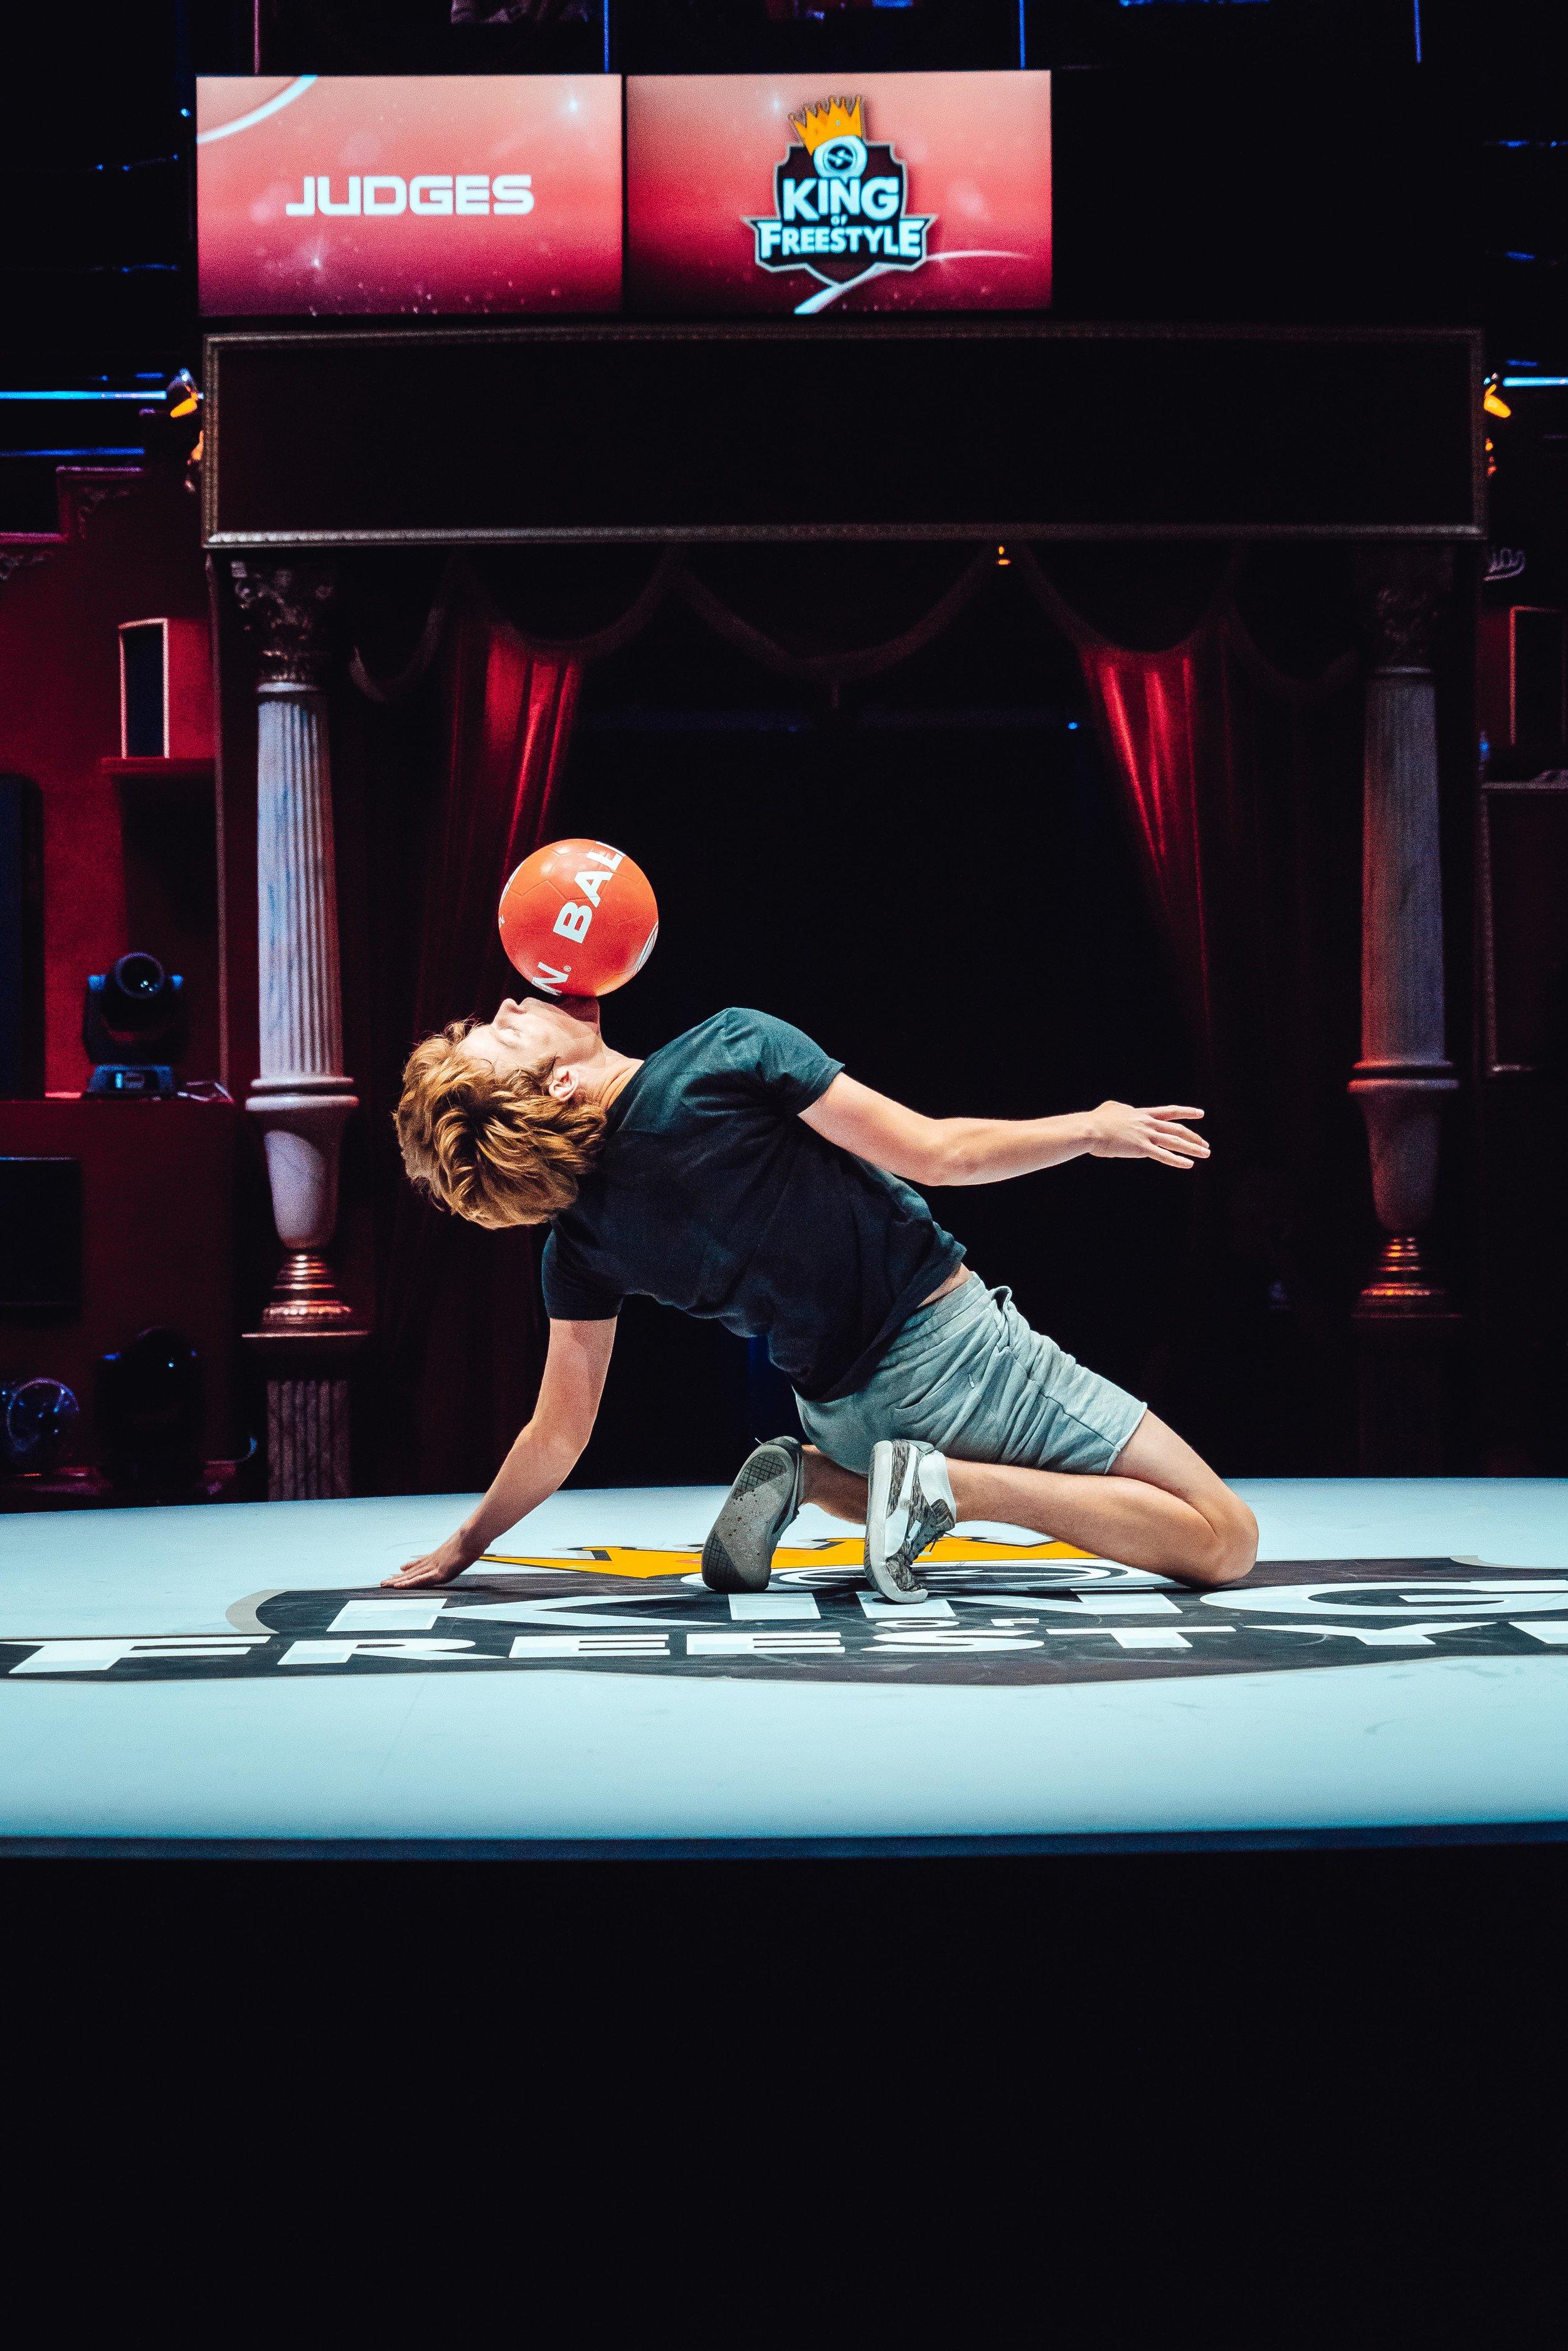 King of Freestyle - Top 4 internationaal/genodigd toernooi in Parijs Jesse Marlet